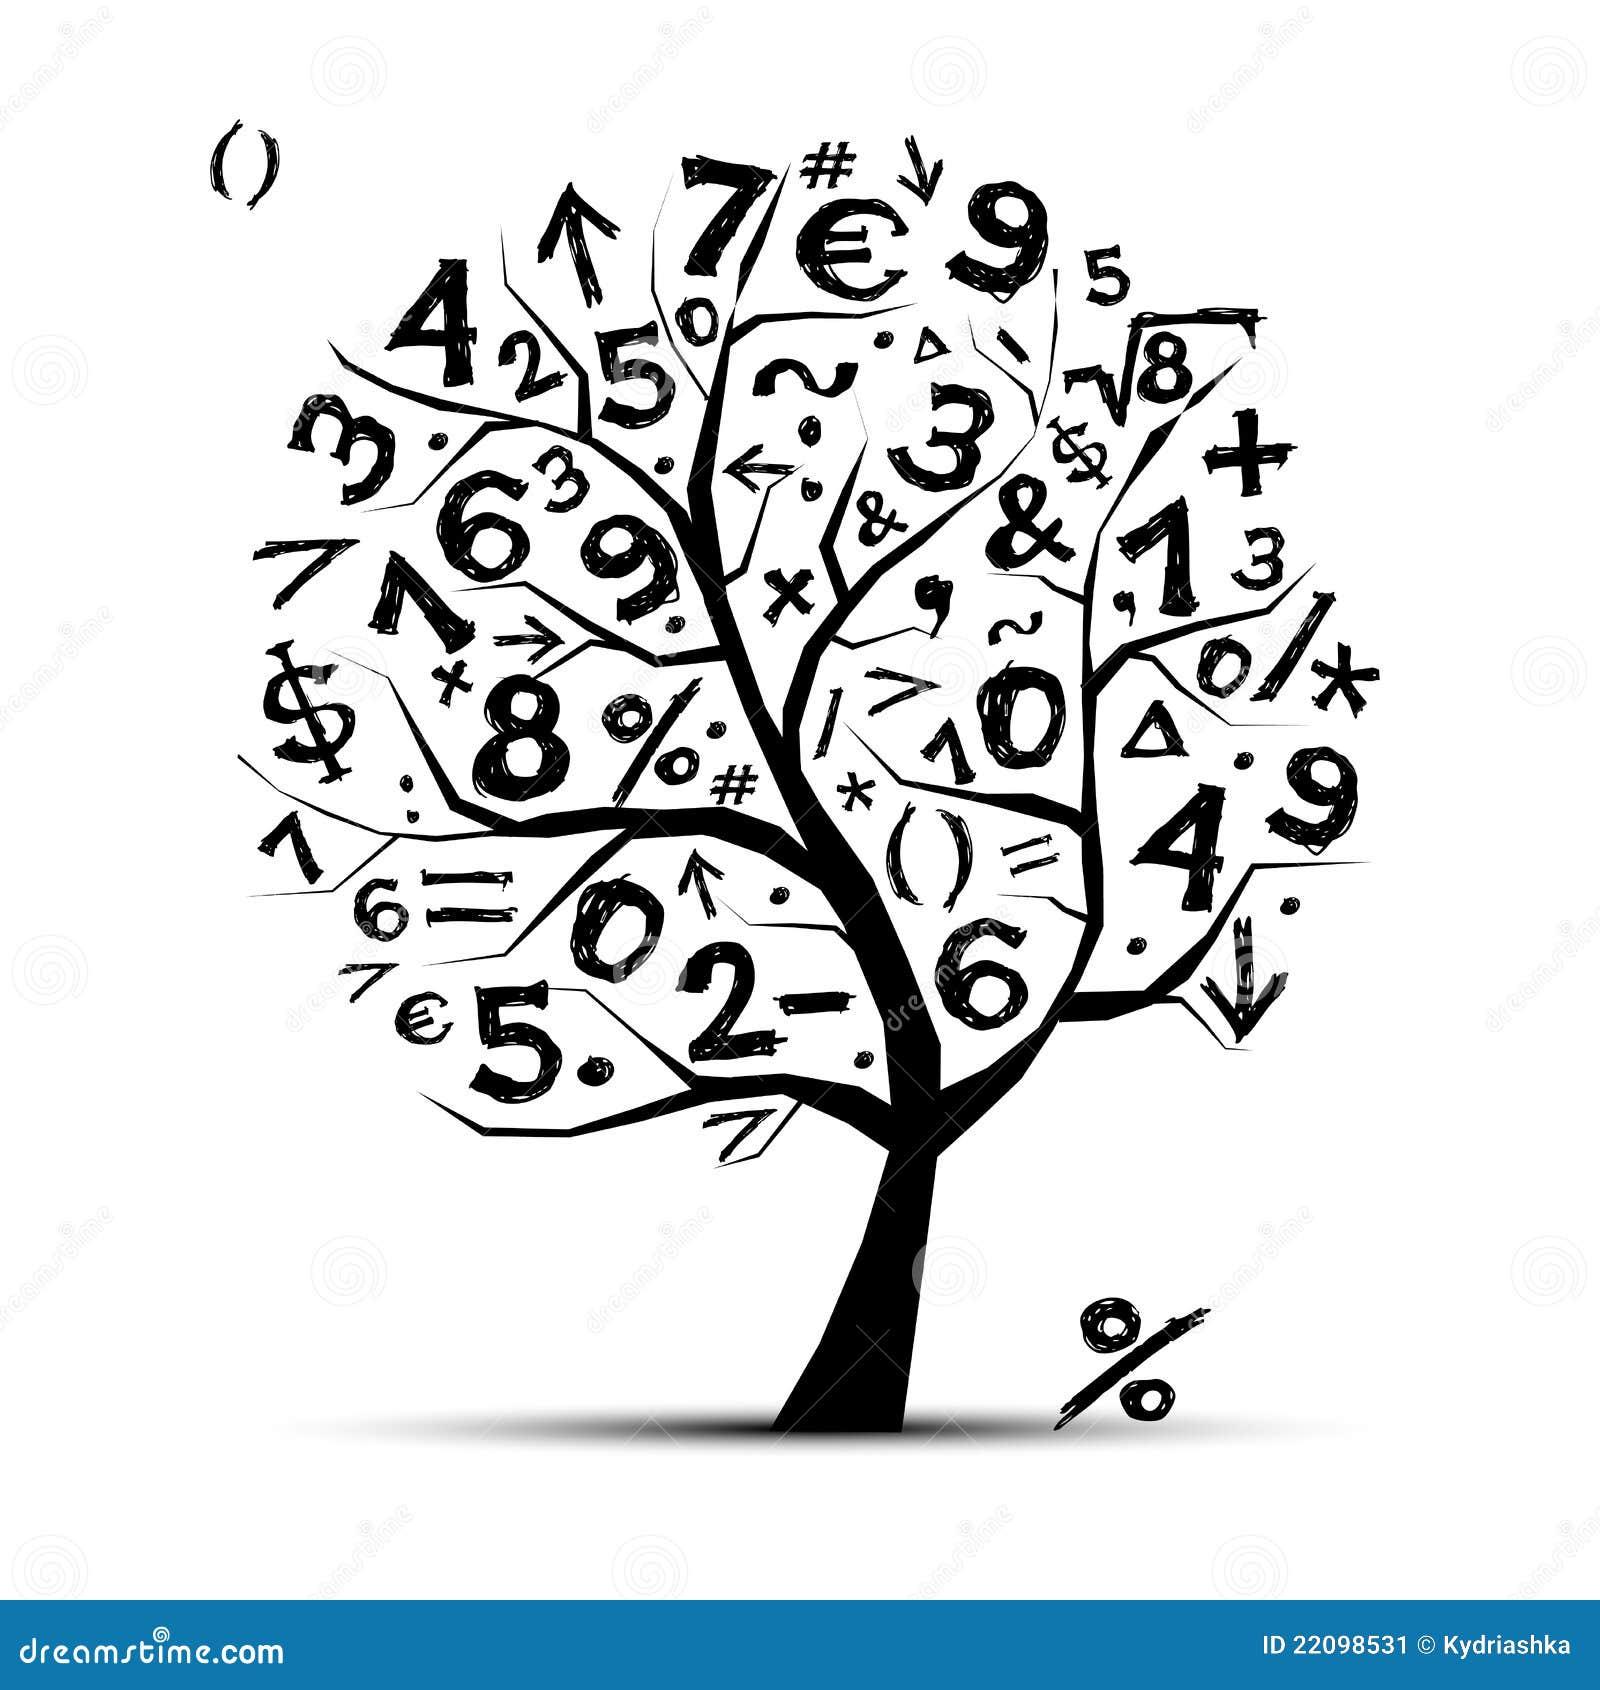 Immagine stock: albero di arte con i simboli di per la matematica per